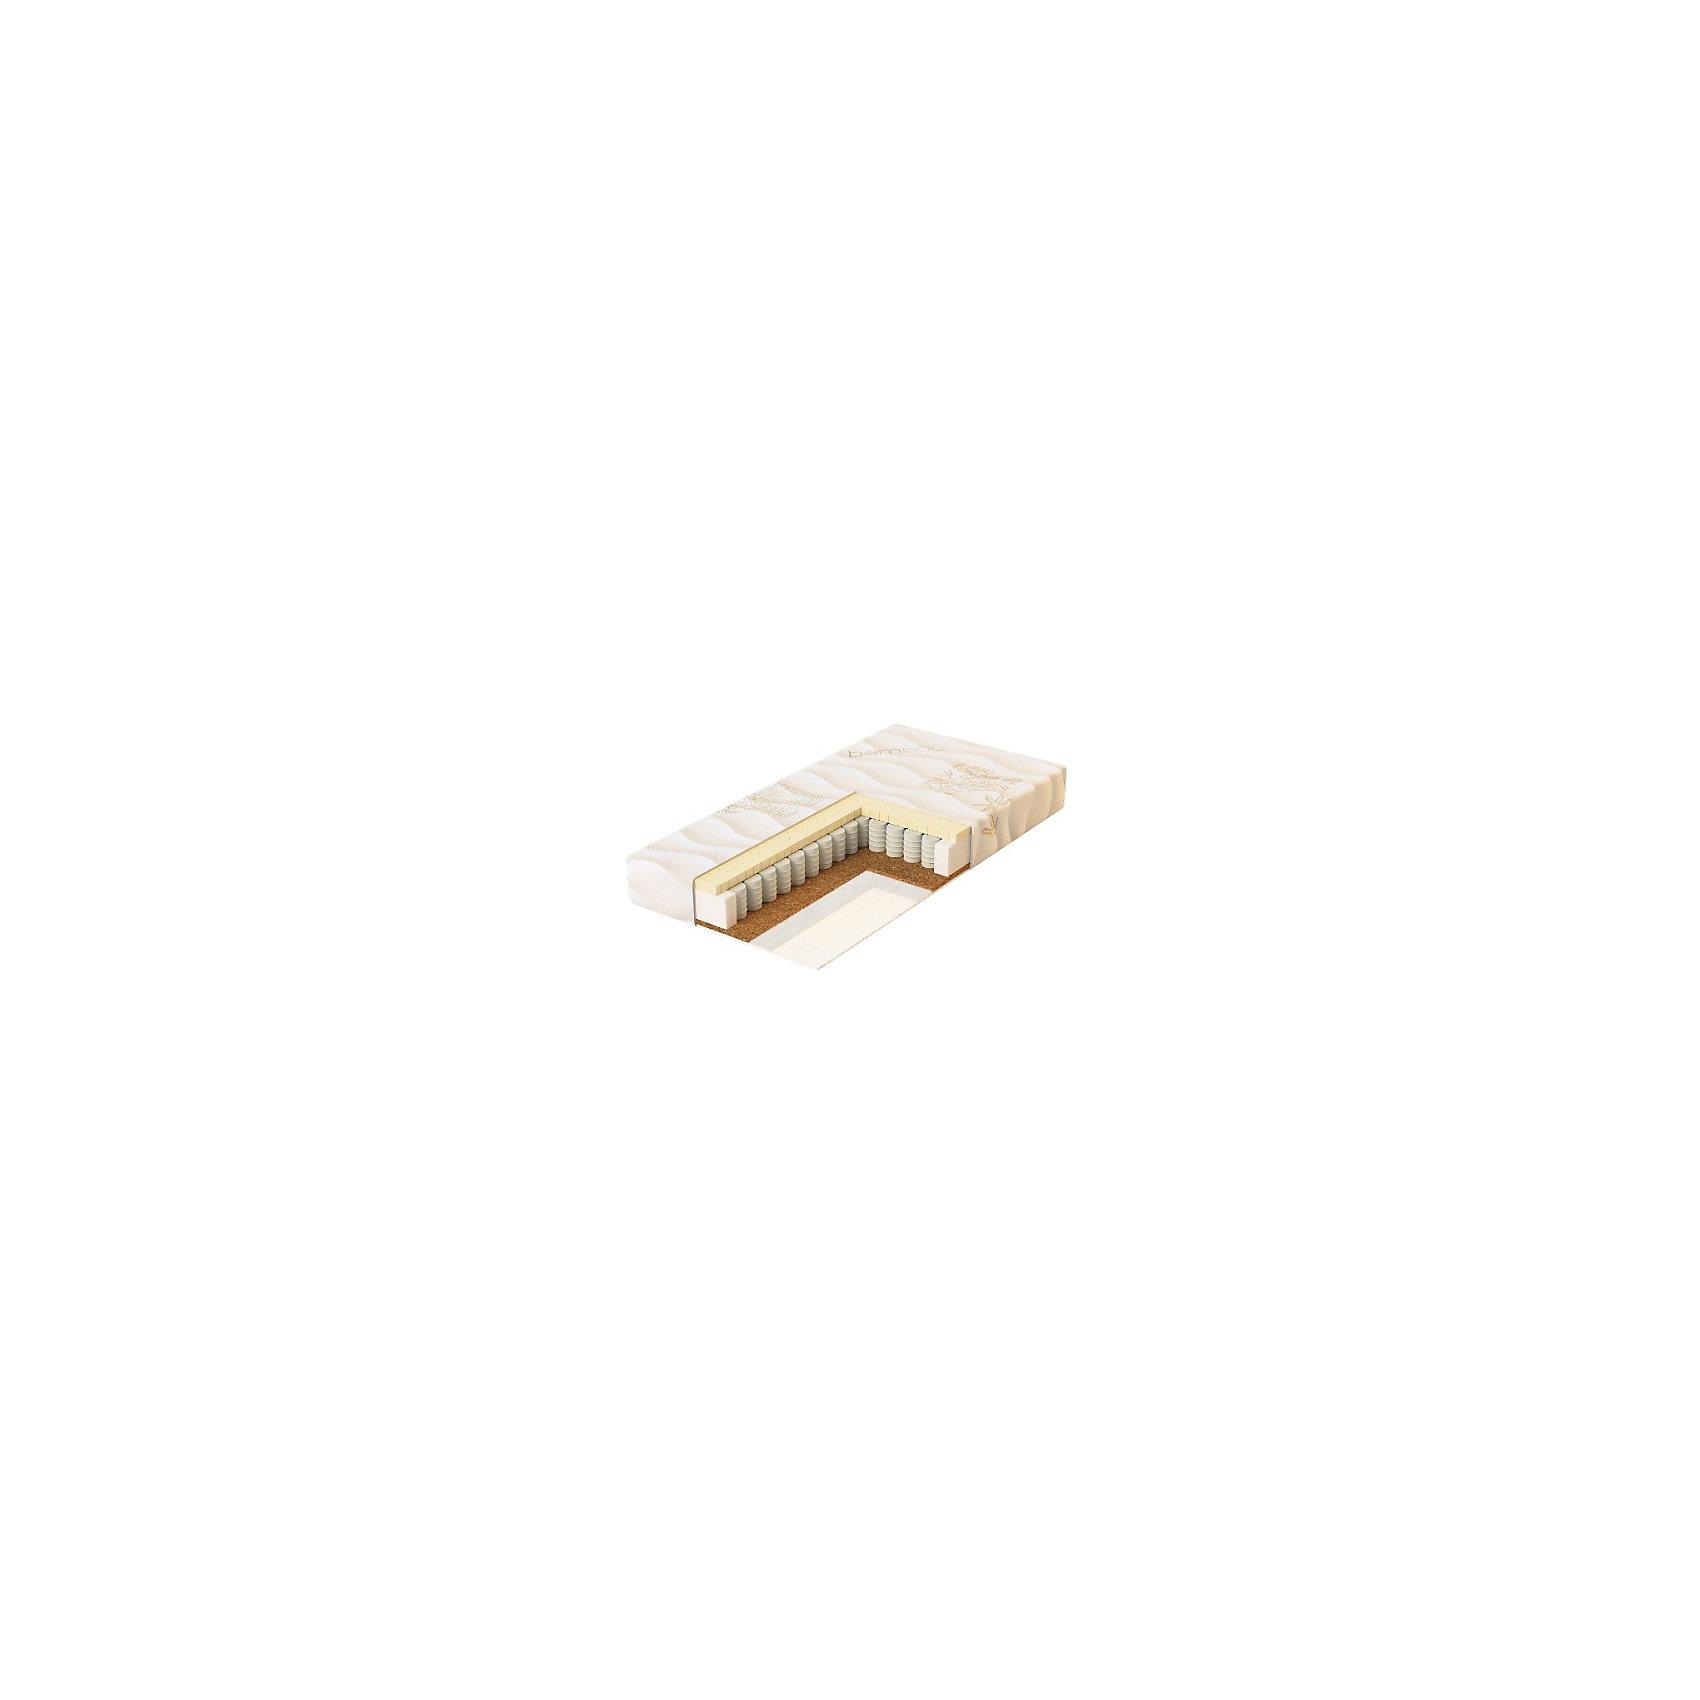 Матрац БС-119-01 Bamboo sleep, 1190х600х120 мм, PlitexМатрасы<br>Bamboo sleep, Plitex – детский двухсторонний матрас .  Жесткая сторона изготовлена из кокосовой койры и помогает правильно сформировать позвоночник малыша. Более мягкая сторона изготовлена из латекса, который легко принимает форму тела и поддерживает позвоночник. Каждая пружина данного матраса находится в отдельном мешочке из тканей, что позволяет поддерживать тело и избавить от возможных болей в спине. Съемный чехол изготовлен из бамбука. Все материалы гипоаллергенные и высокого качества, с ними вы сможете подарить ребенку комфортный и безопасный сон.<br>Особенности и преимущества:<br>--две стороны матраса с разной жесткостью<br>-гипоаллергенный, долговечный материал,<br>-матрас можно использовать с рождения<br>-позволяет сформировать правильную осанку у малыша<br>Материалы: латекс, кокосовая койра, бамбук, airotek<br>Размеры: 119x60x14 см<br>Вес:3 кг<br>Вы можете приобрести матрас Bamboo sleep в нашем интернет-магазине<br><br>Ширина мм: 1190<br>Глубина мм: 600<br>Высота мм: 120<br>Вес г: 3000<br>Возраст от месяцев: 0<br>Возраст до месяцев: 36<br>Пол: Унисекс<br>Возраст: Детский<br>SKU: 4905318